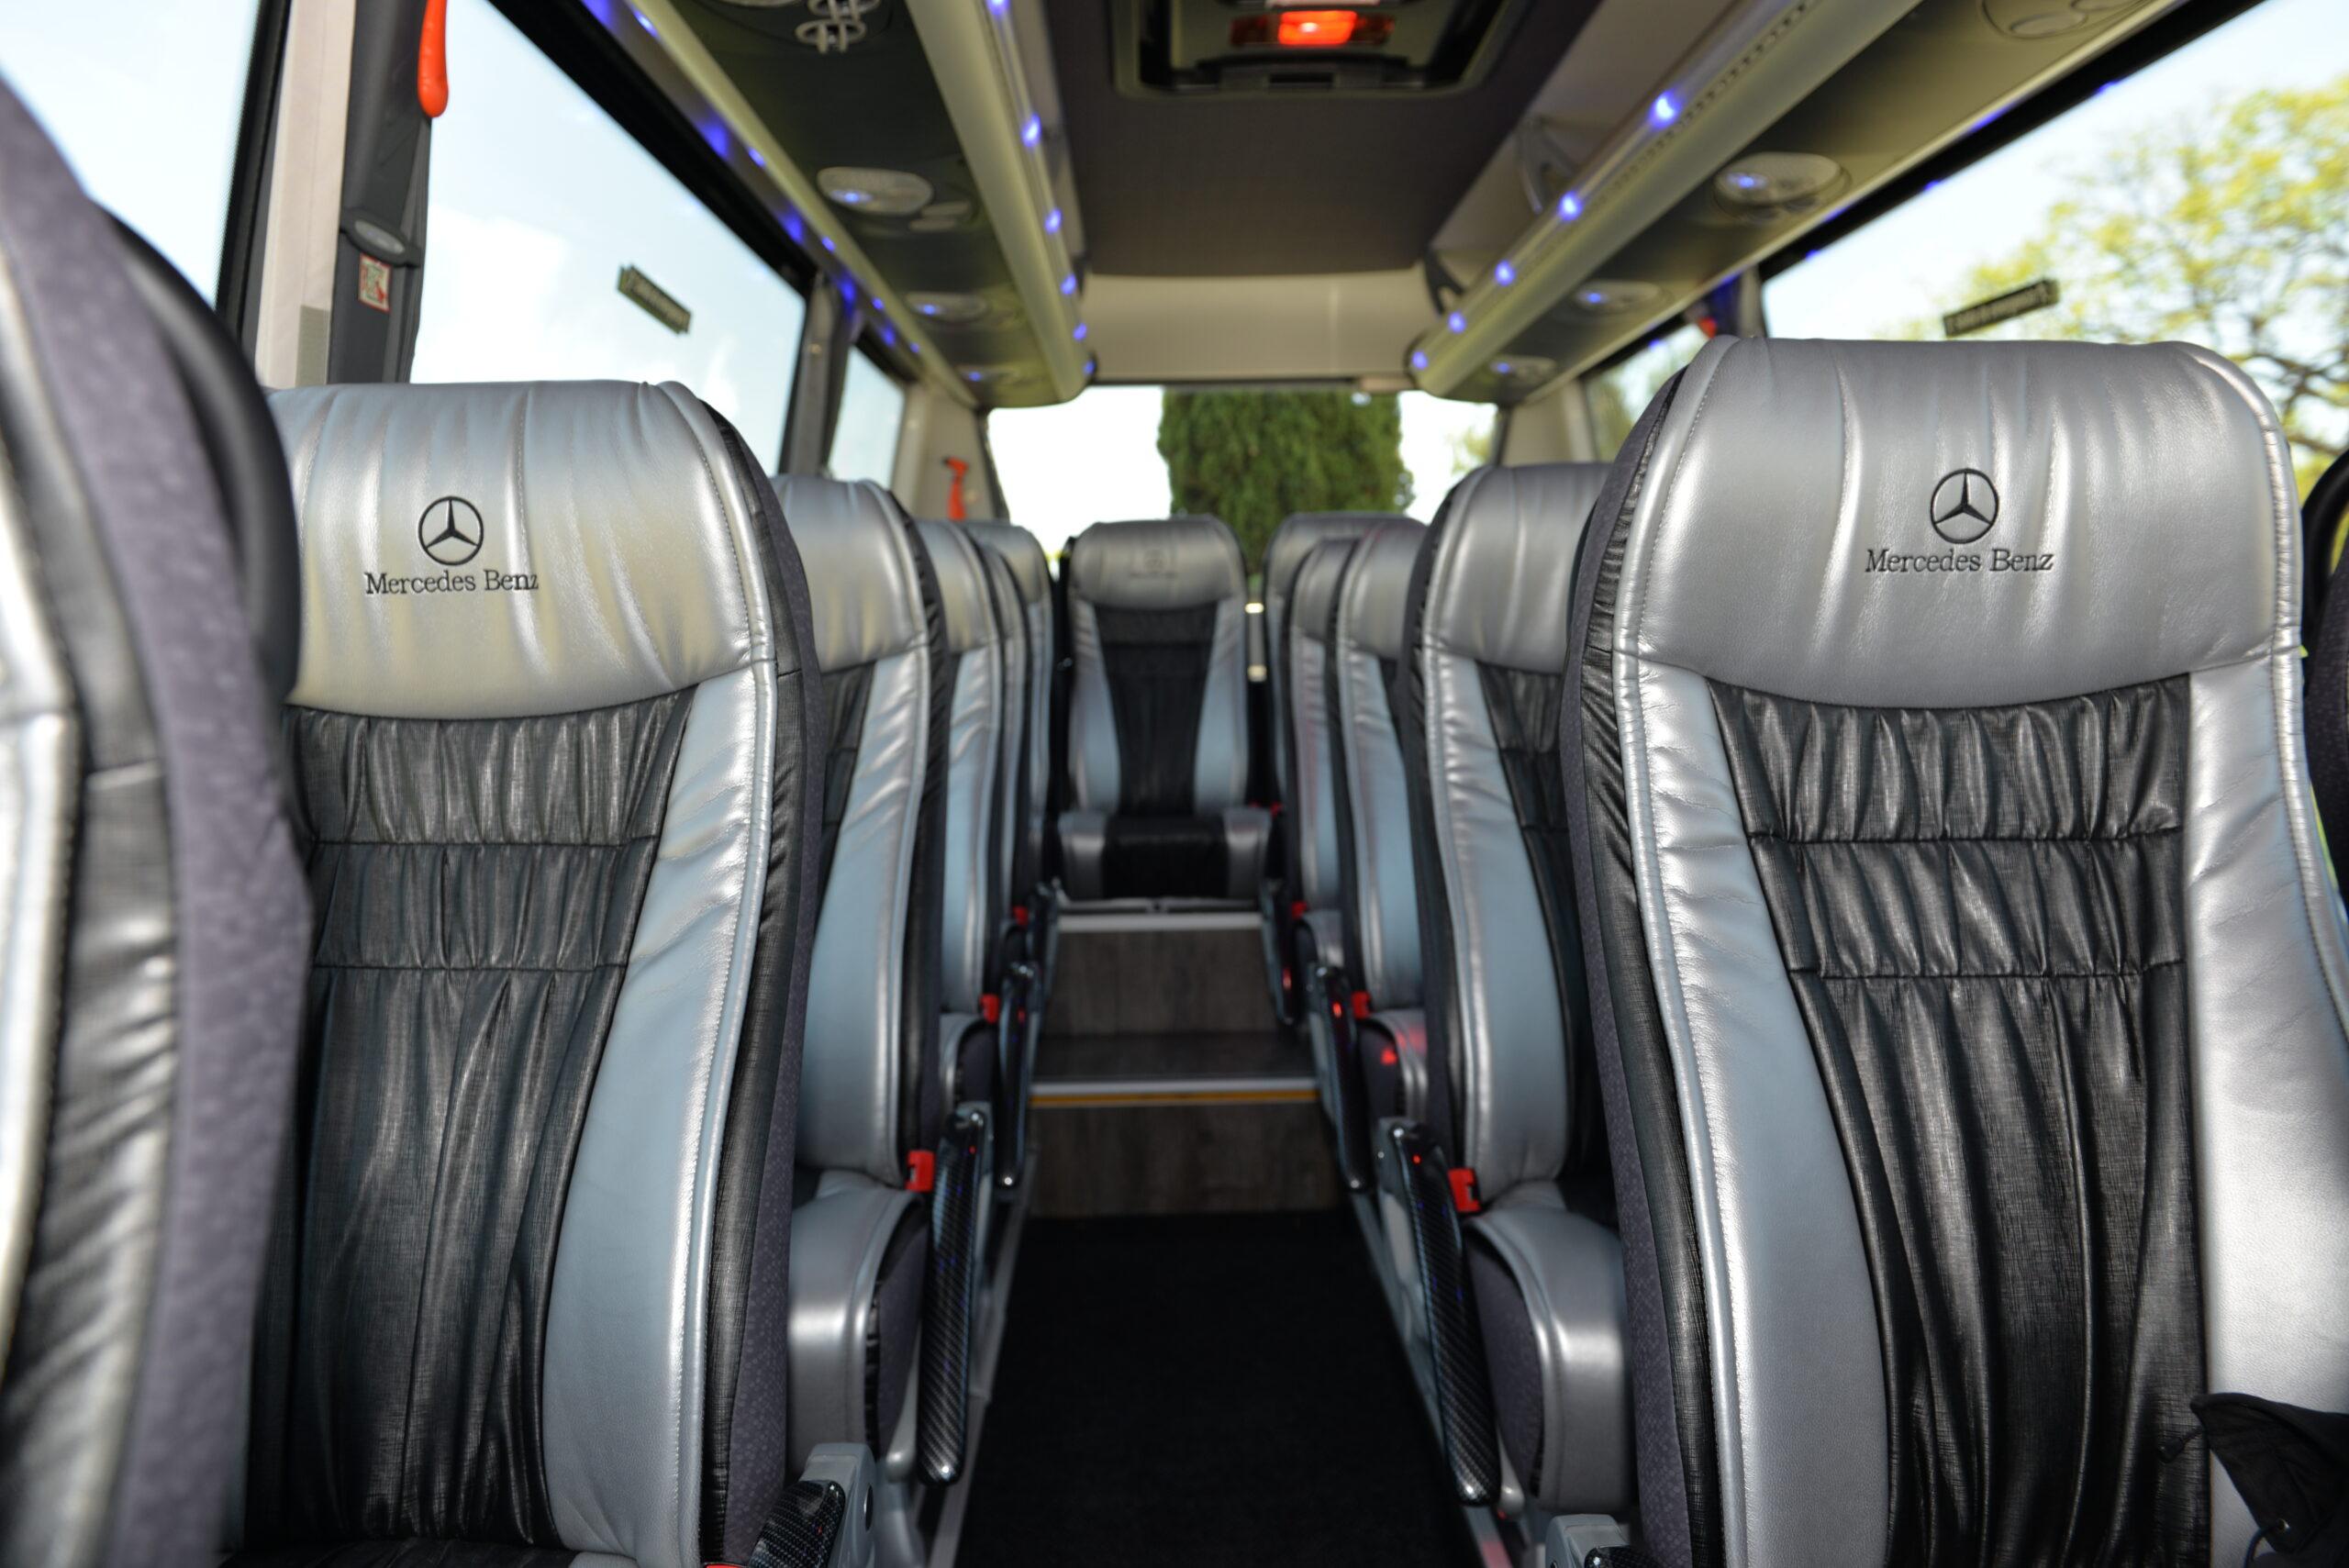 Microbus-16-19pax-Interior1